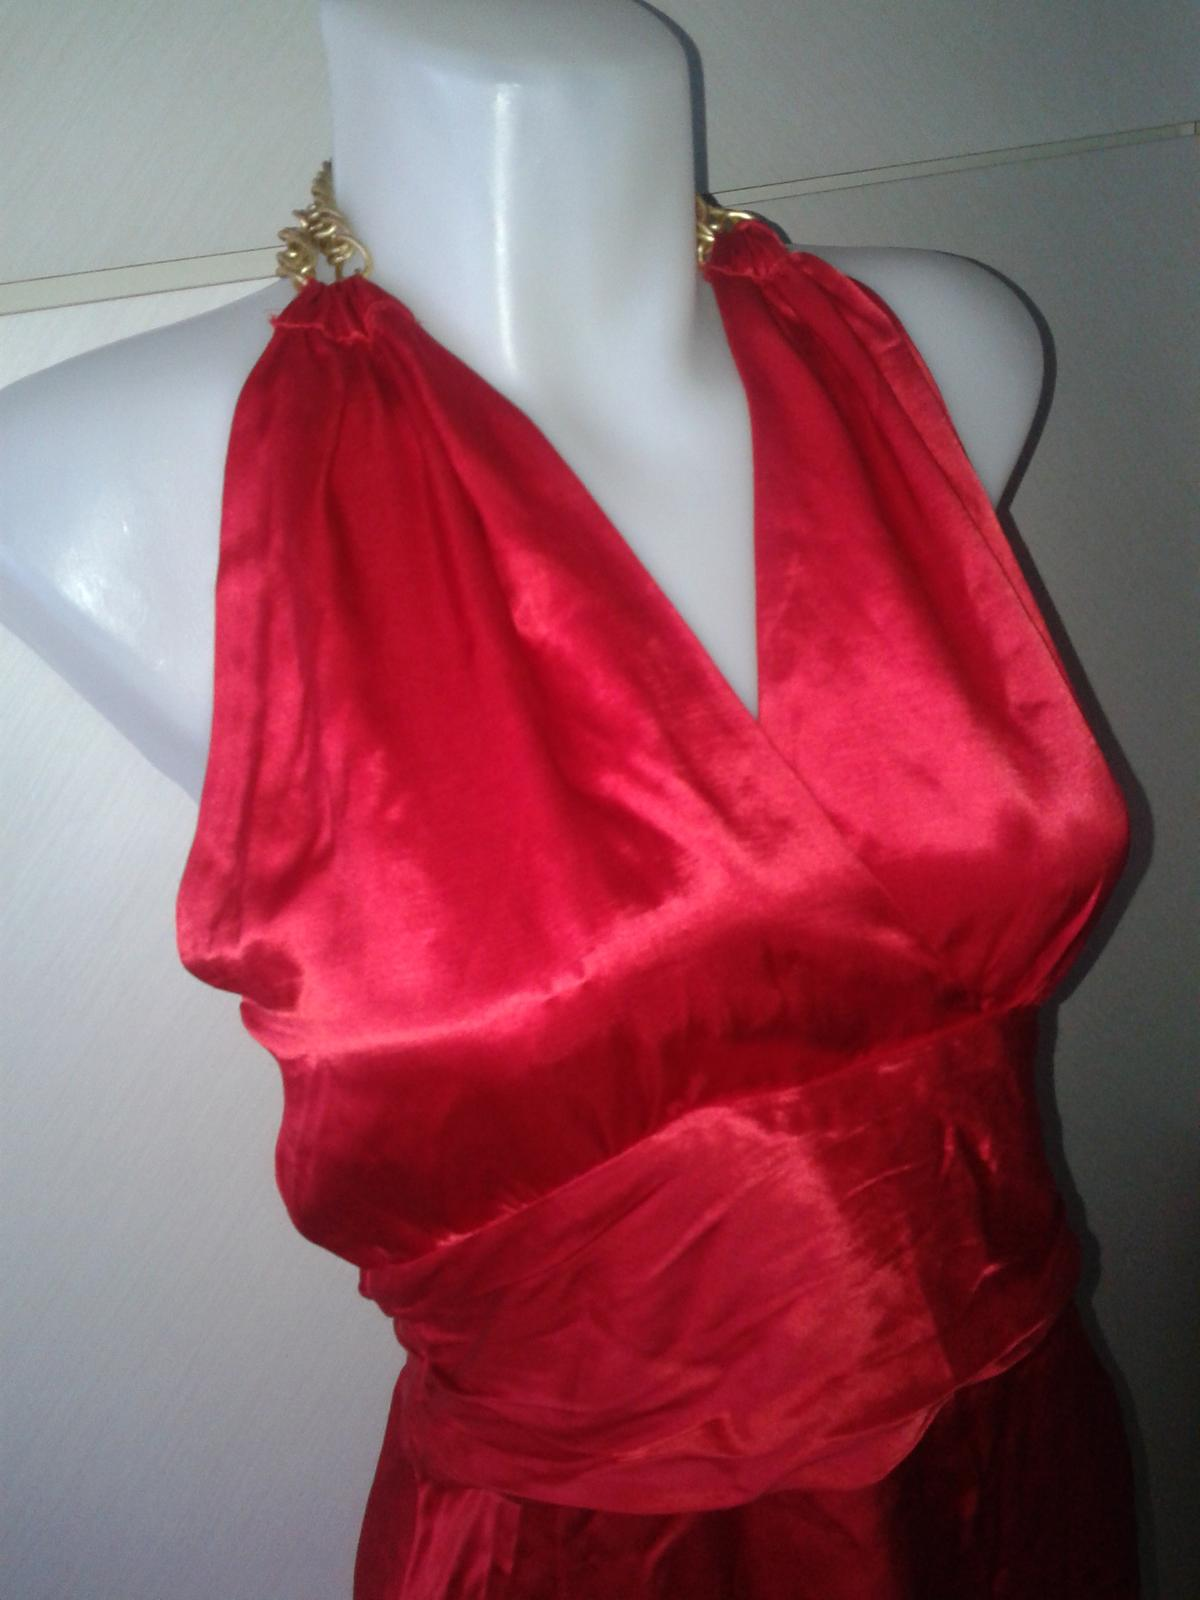 jasnočervené šaty Next veľ, 36/38 - Obrázok č. 1